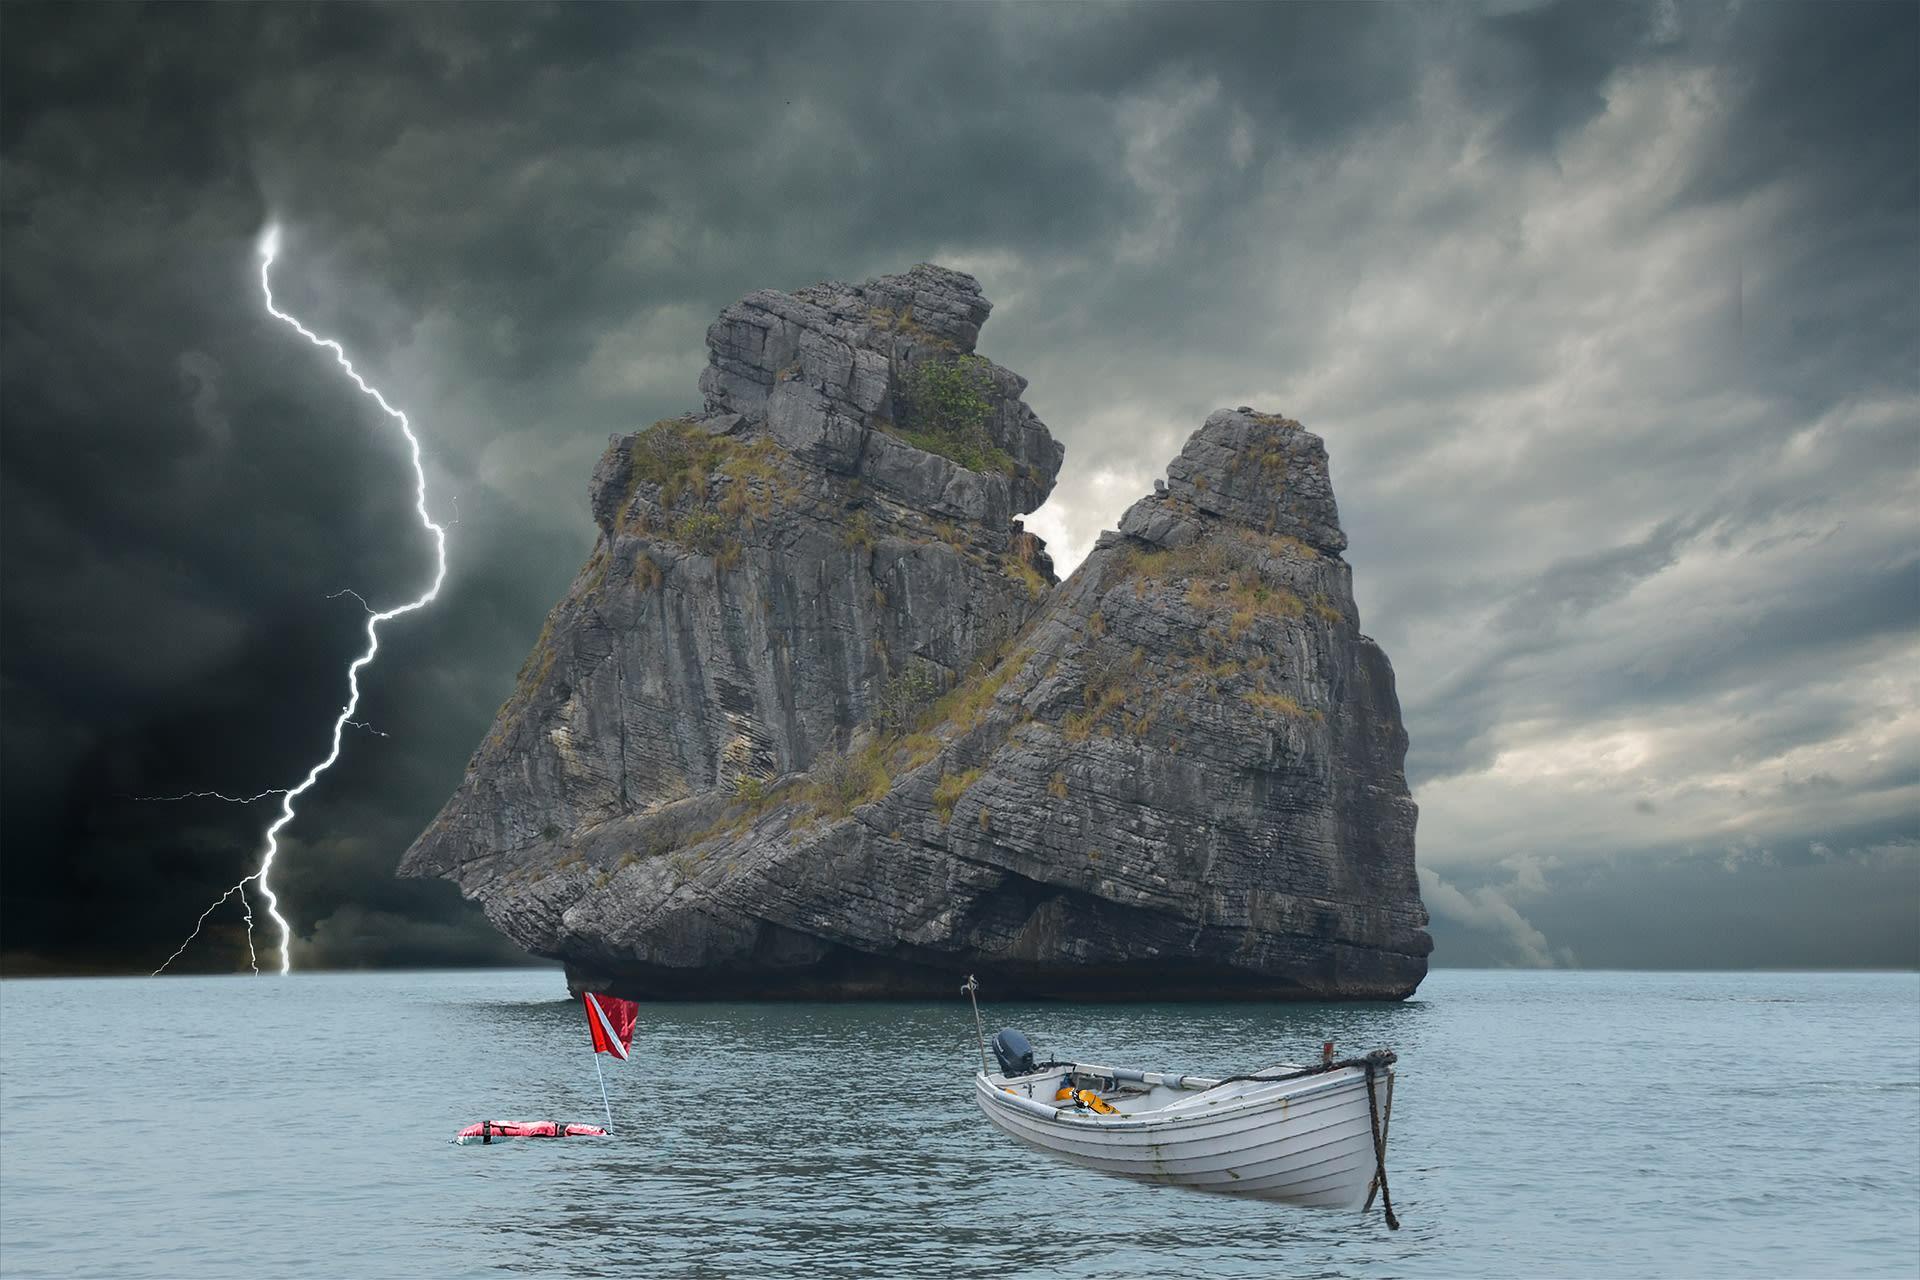 storm at sea sailing by boat